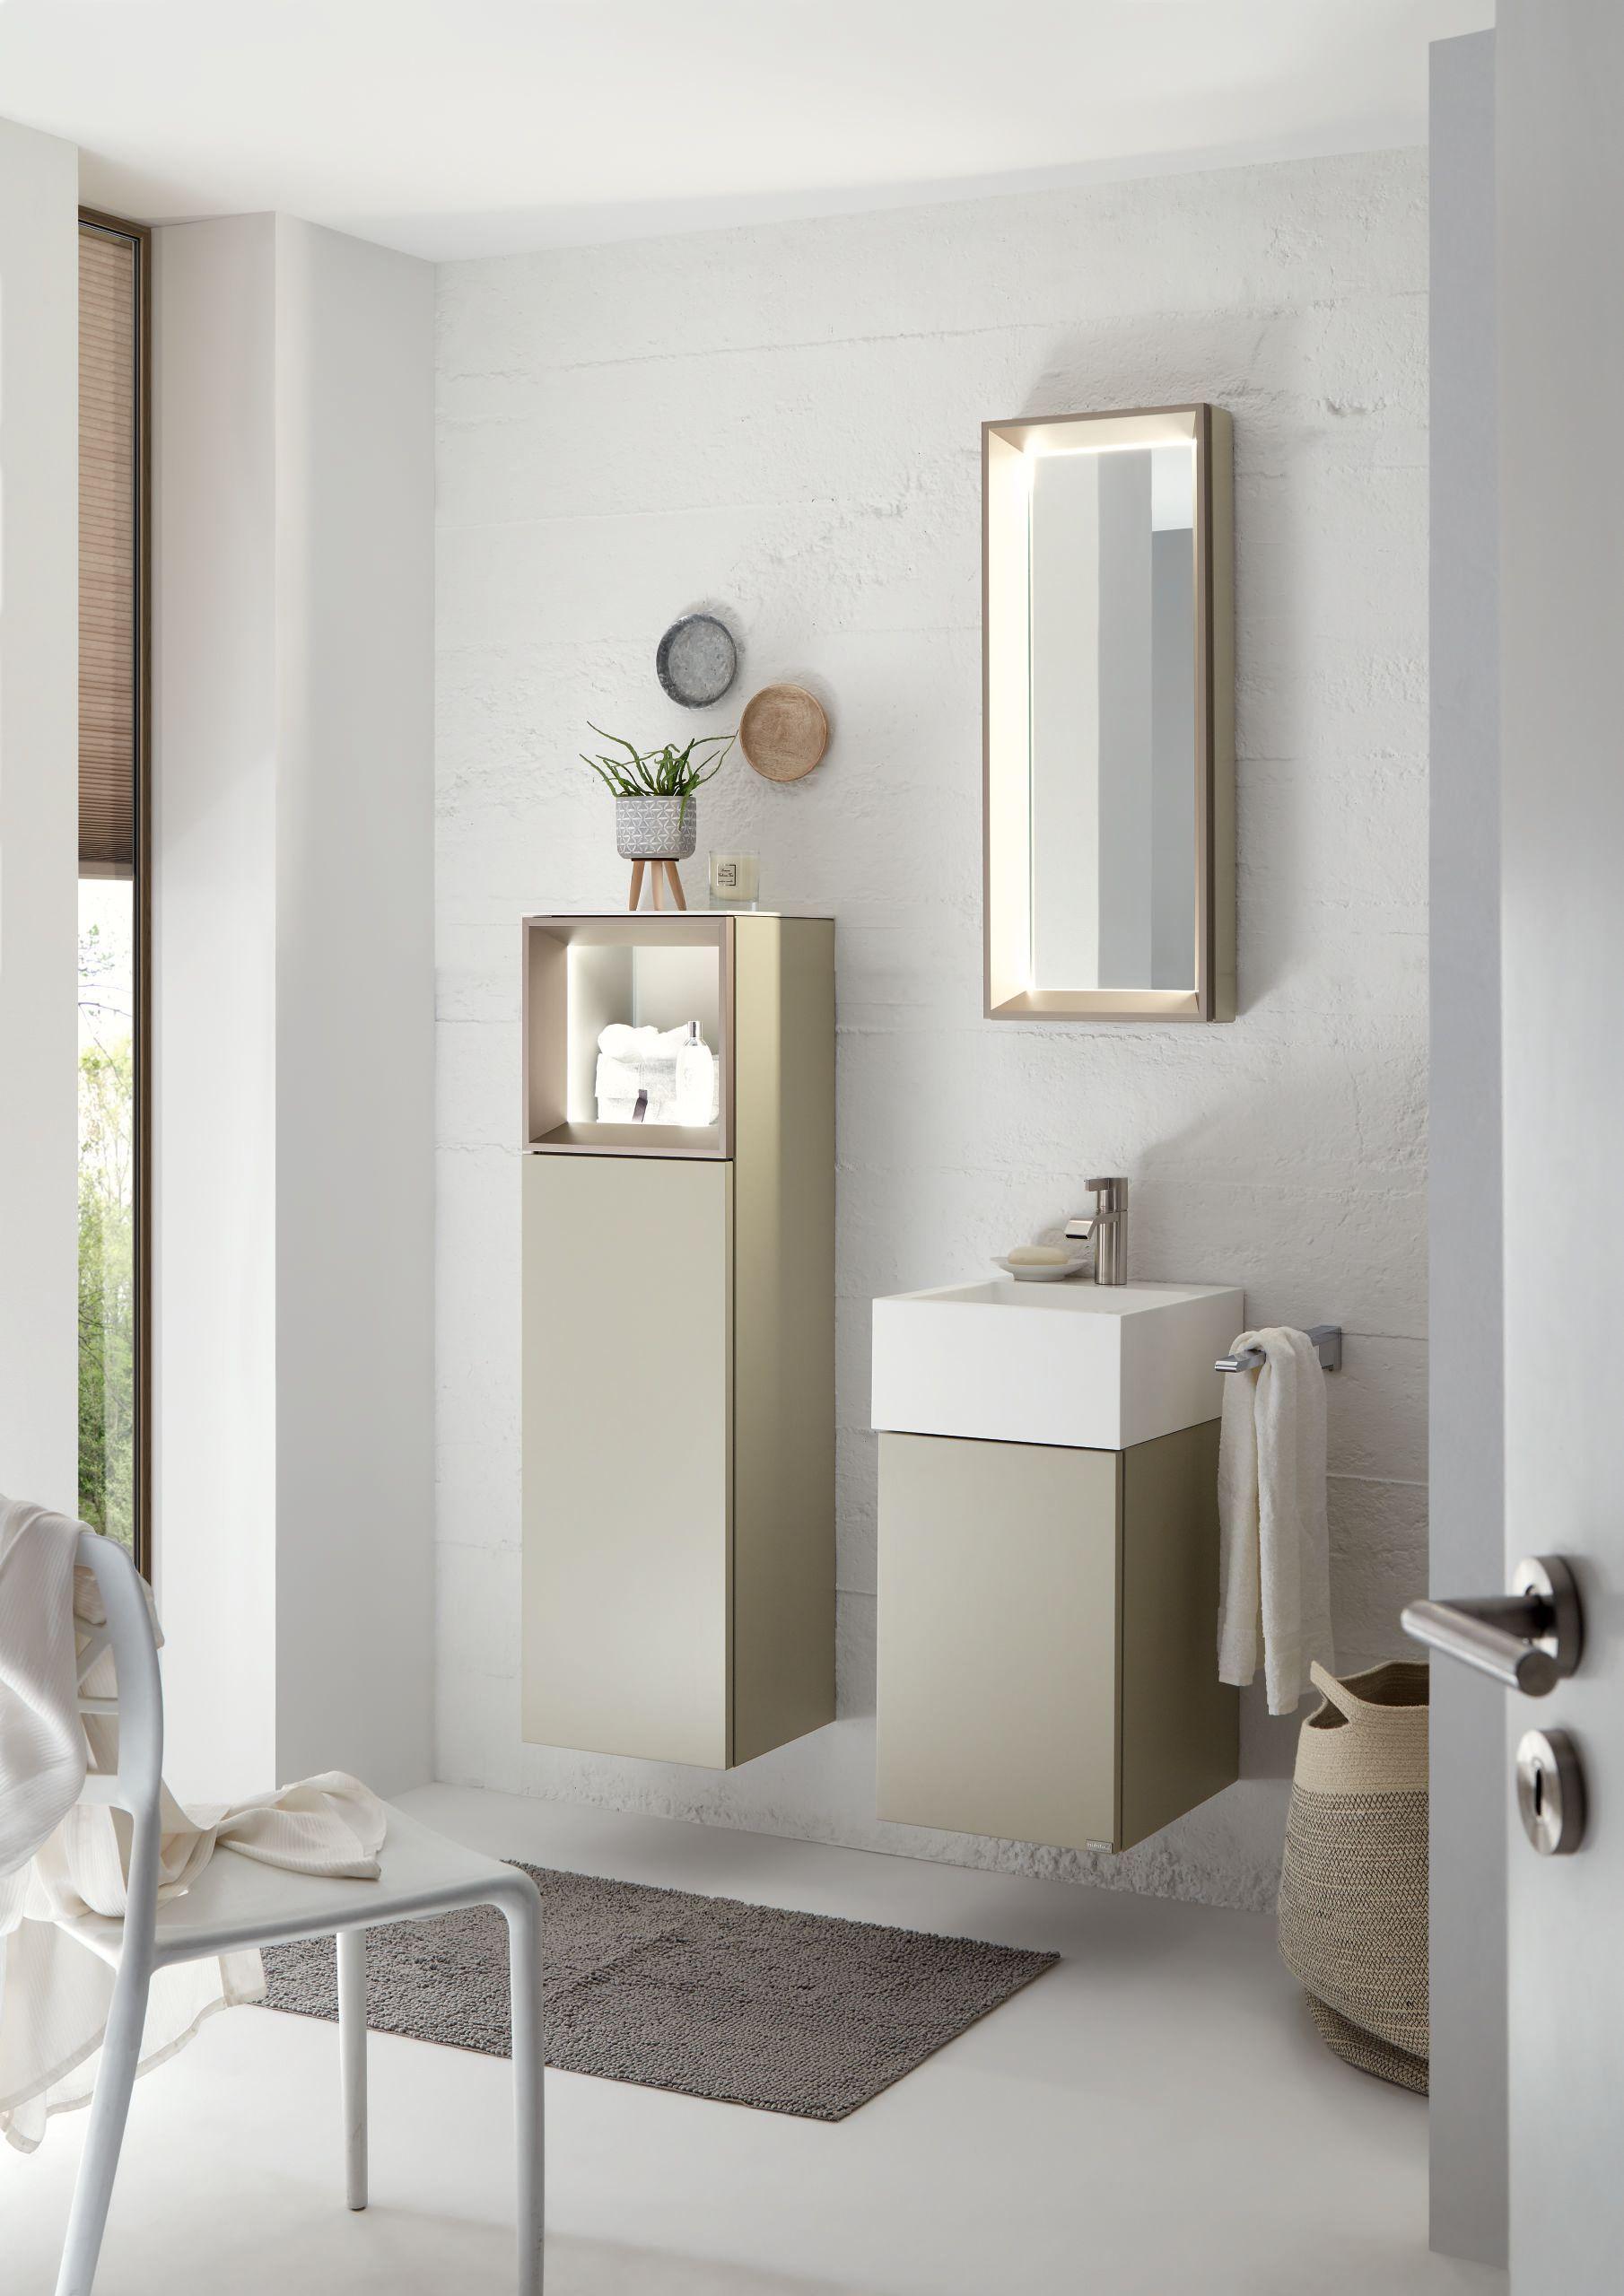 Badezimmerset Tetrim Waschtisch Set Badezimmereinrichtung Modernes Badezimmerdesign